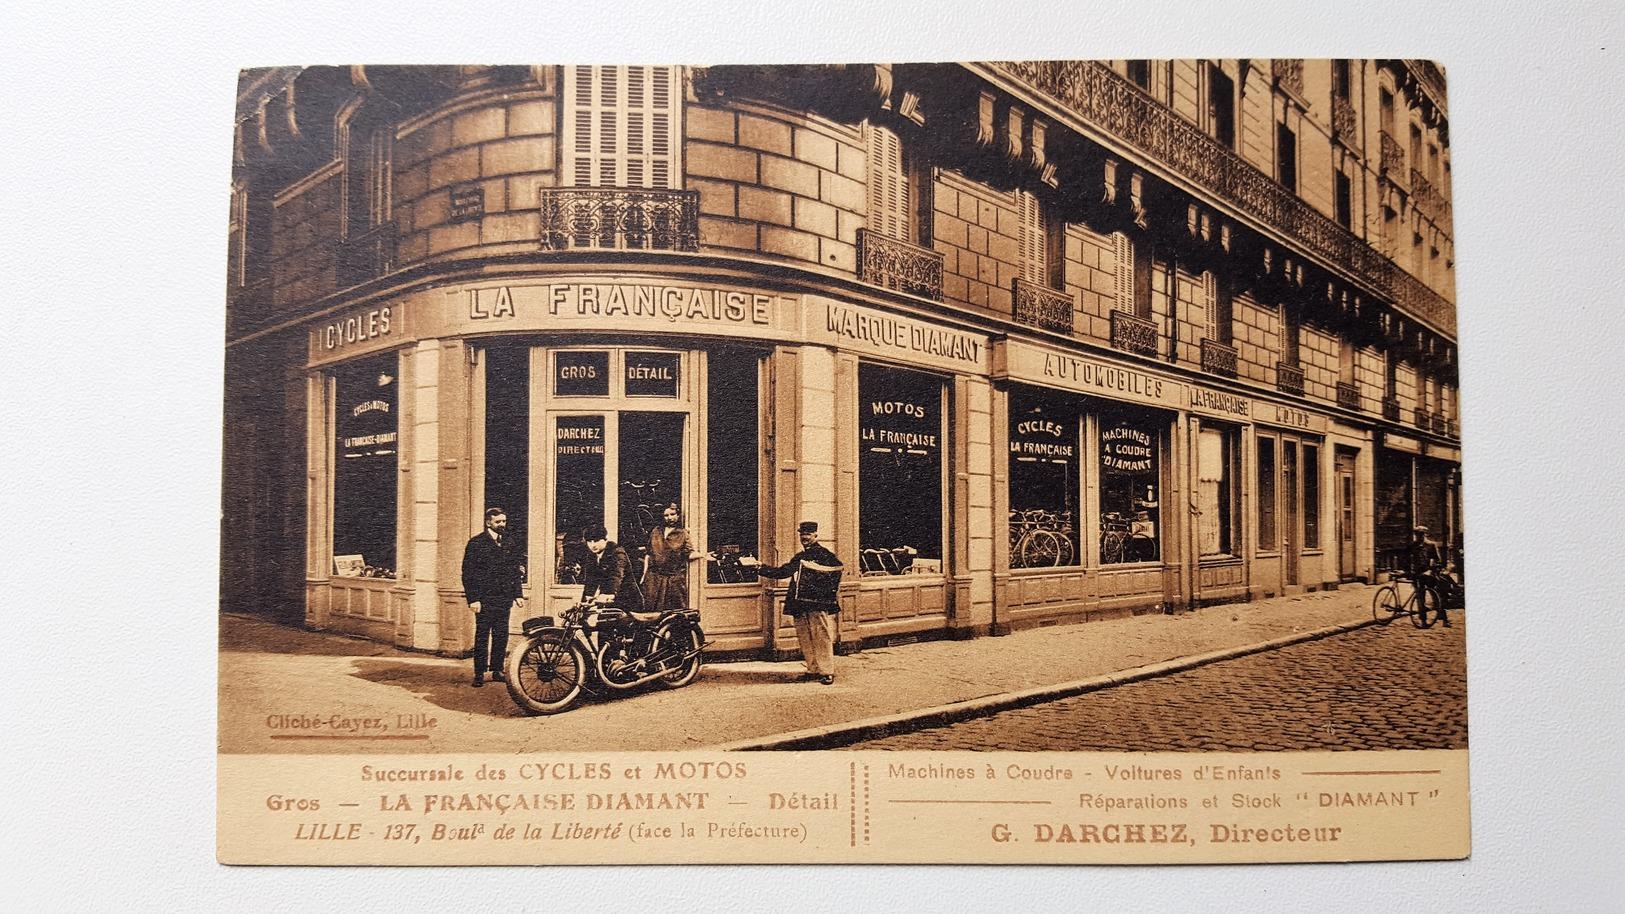 LILLE Sucursale De Cycles Et Motos LA FRANCAISE DIAMANT  G.DARCHEZ Directeur - Lille